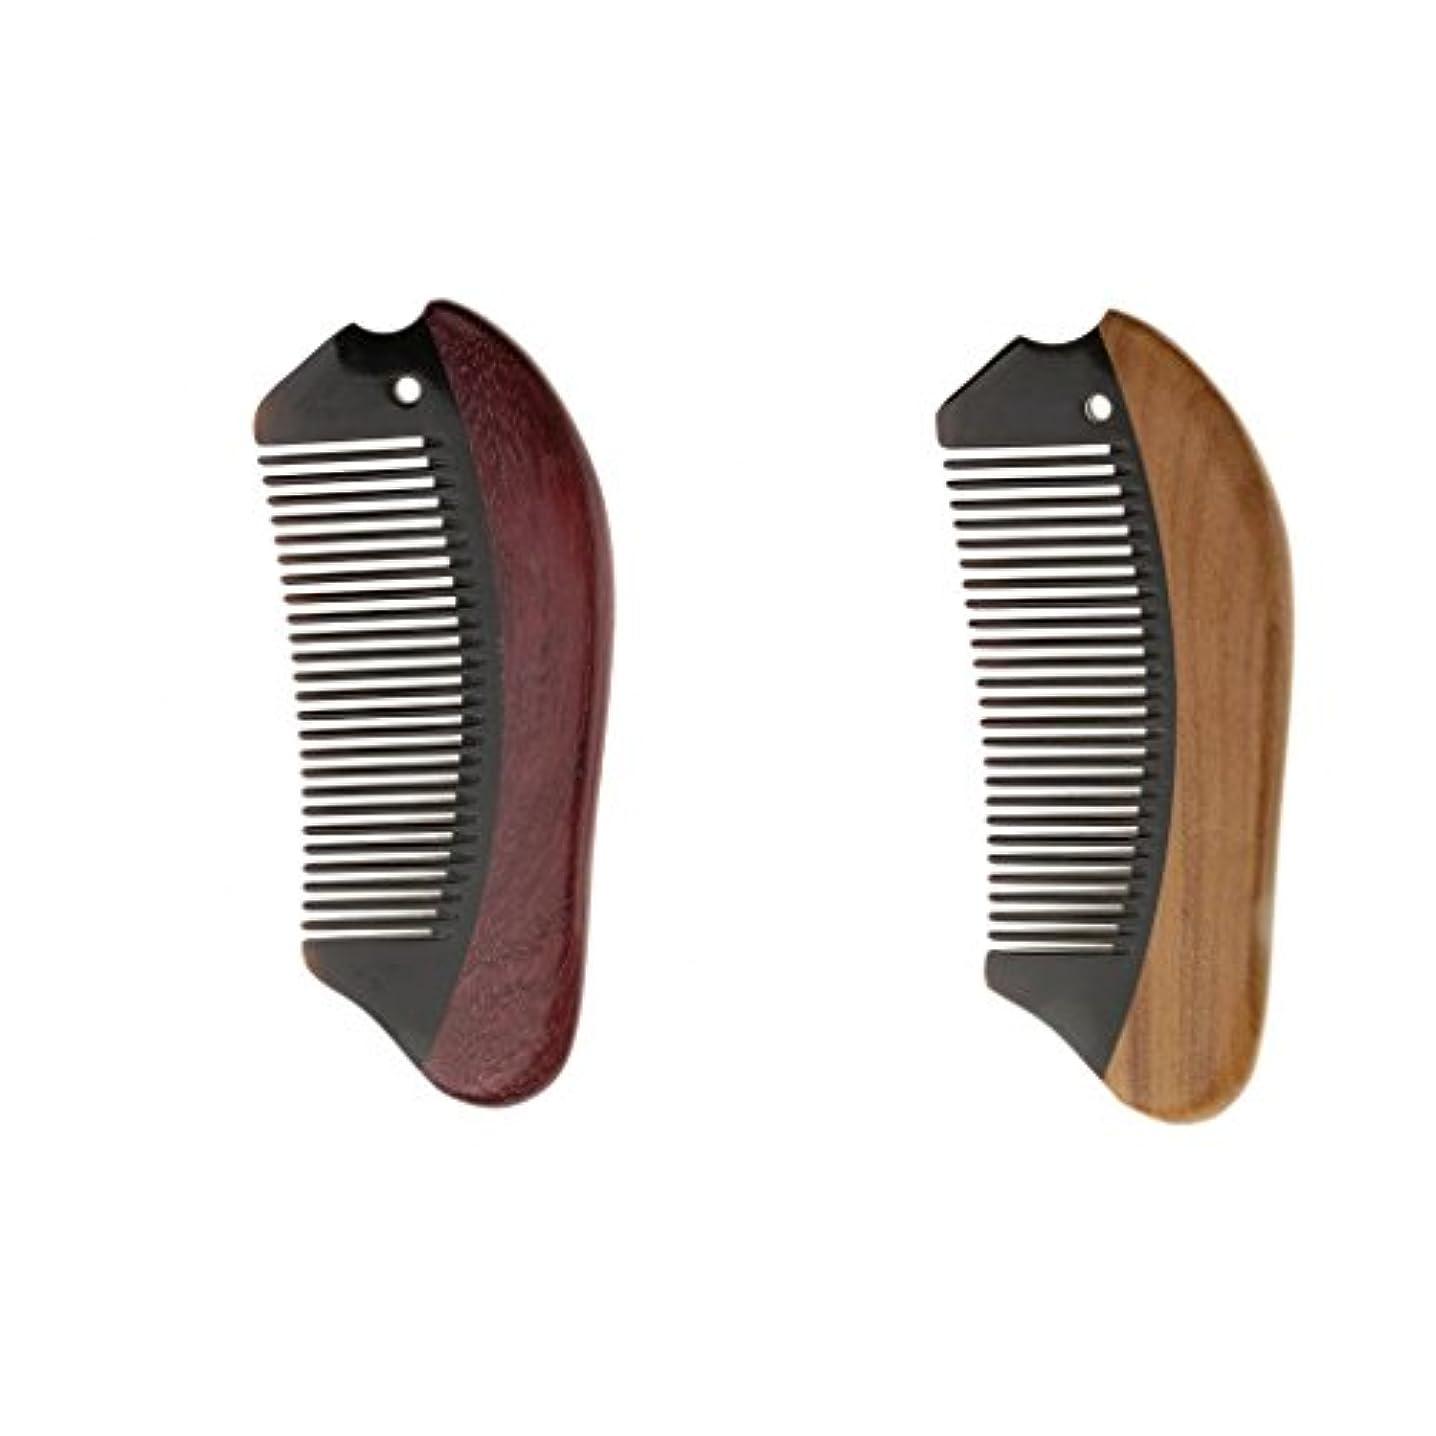 定常葡萄トリプルPerfk 2個 木製 櫛 コーム 静電気防止 ウッド マッサージ 高品質